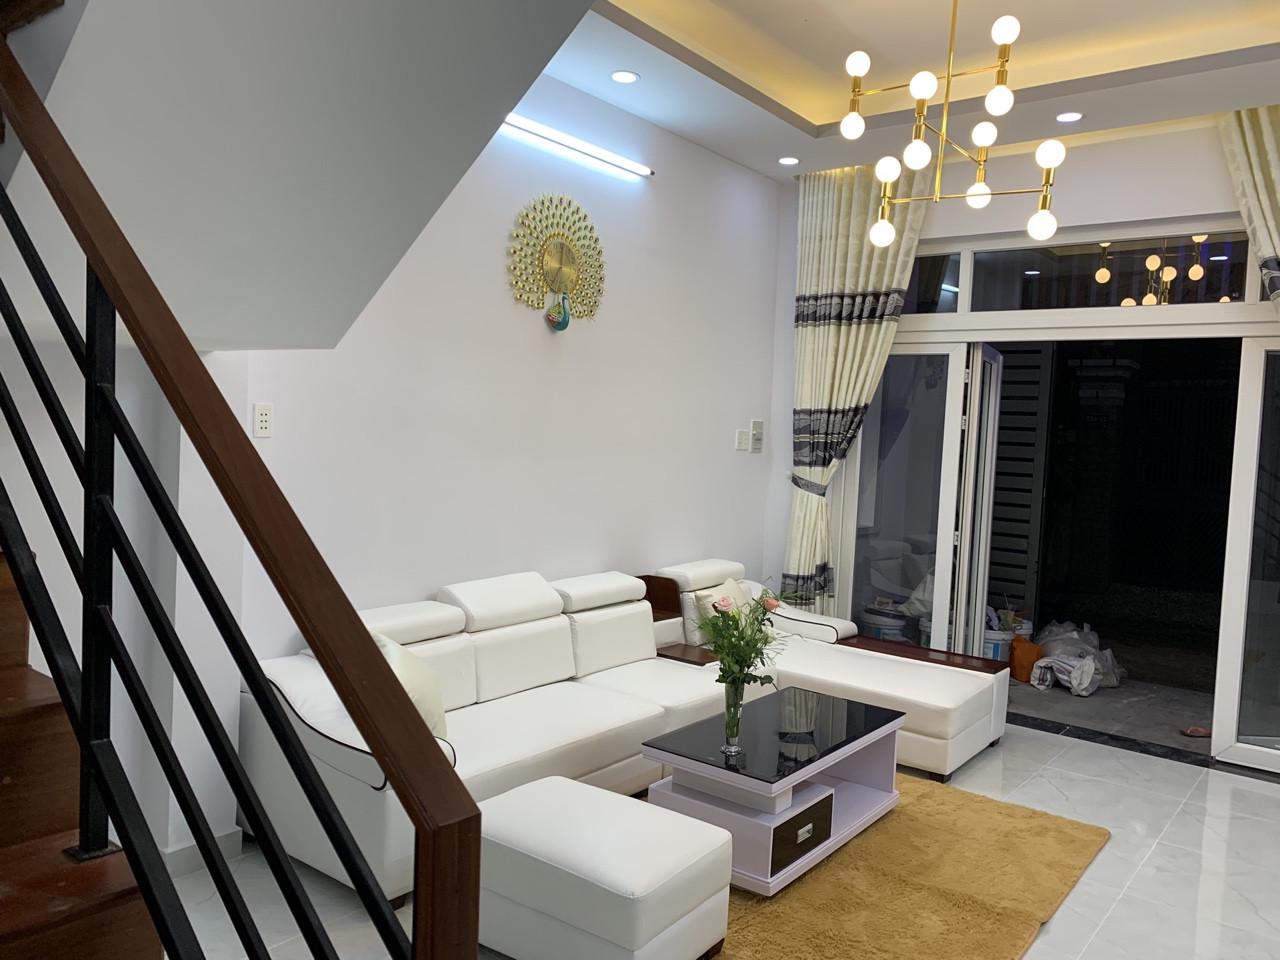 Bán nhà Hẻm xe hơi đường Phạm Văn Chiêu quận Gò Vấp. Dt 4x17m